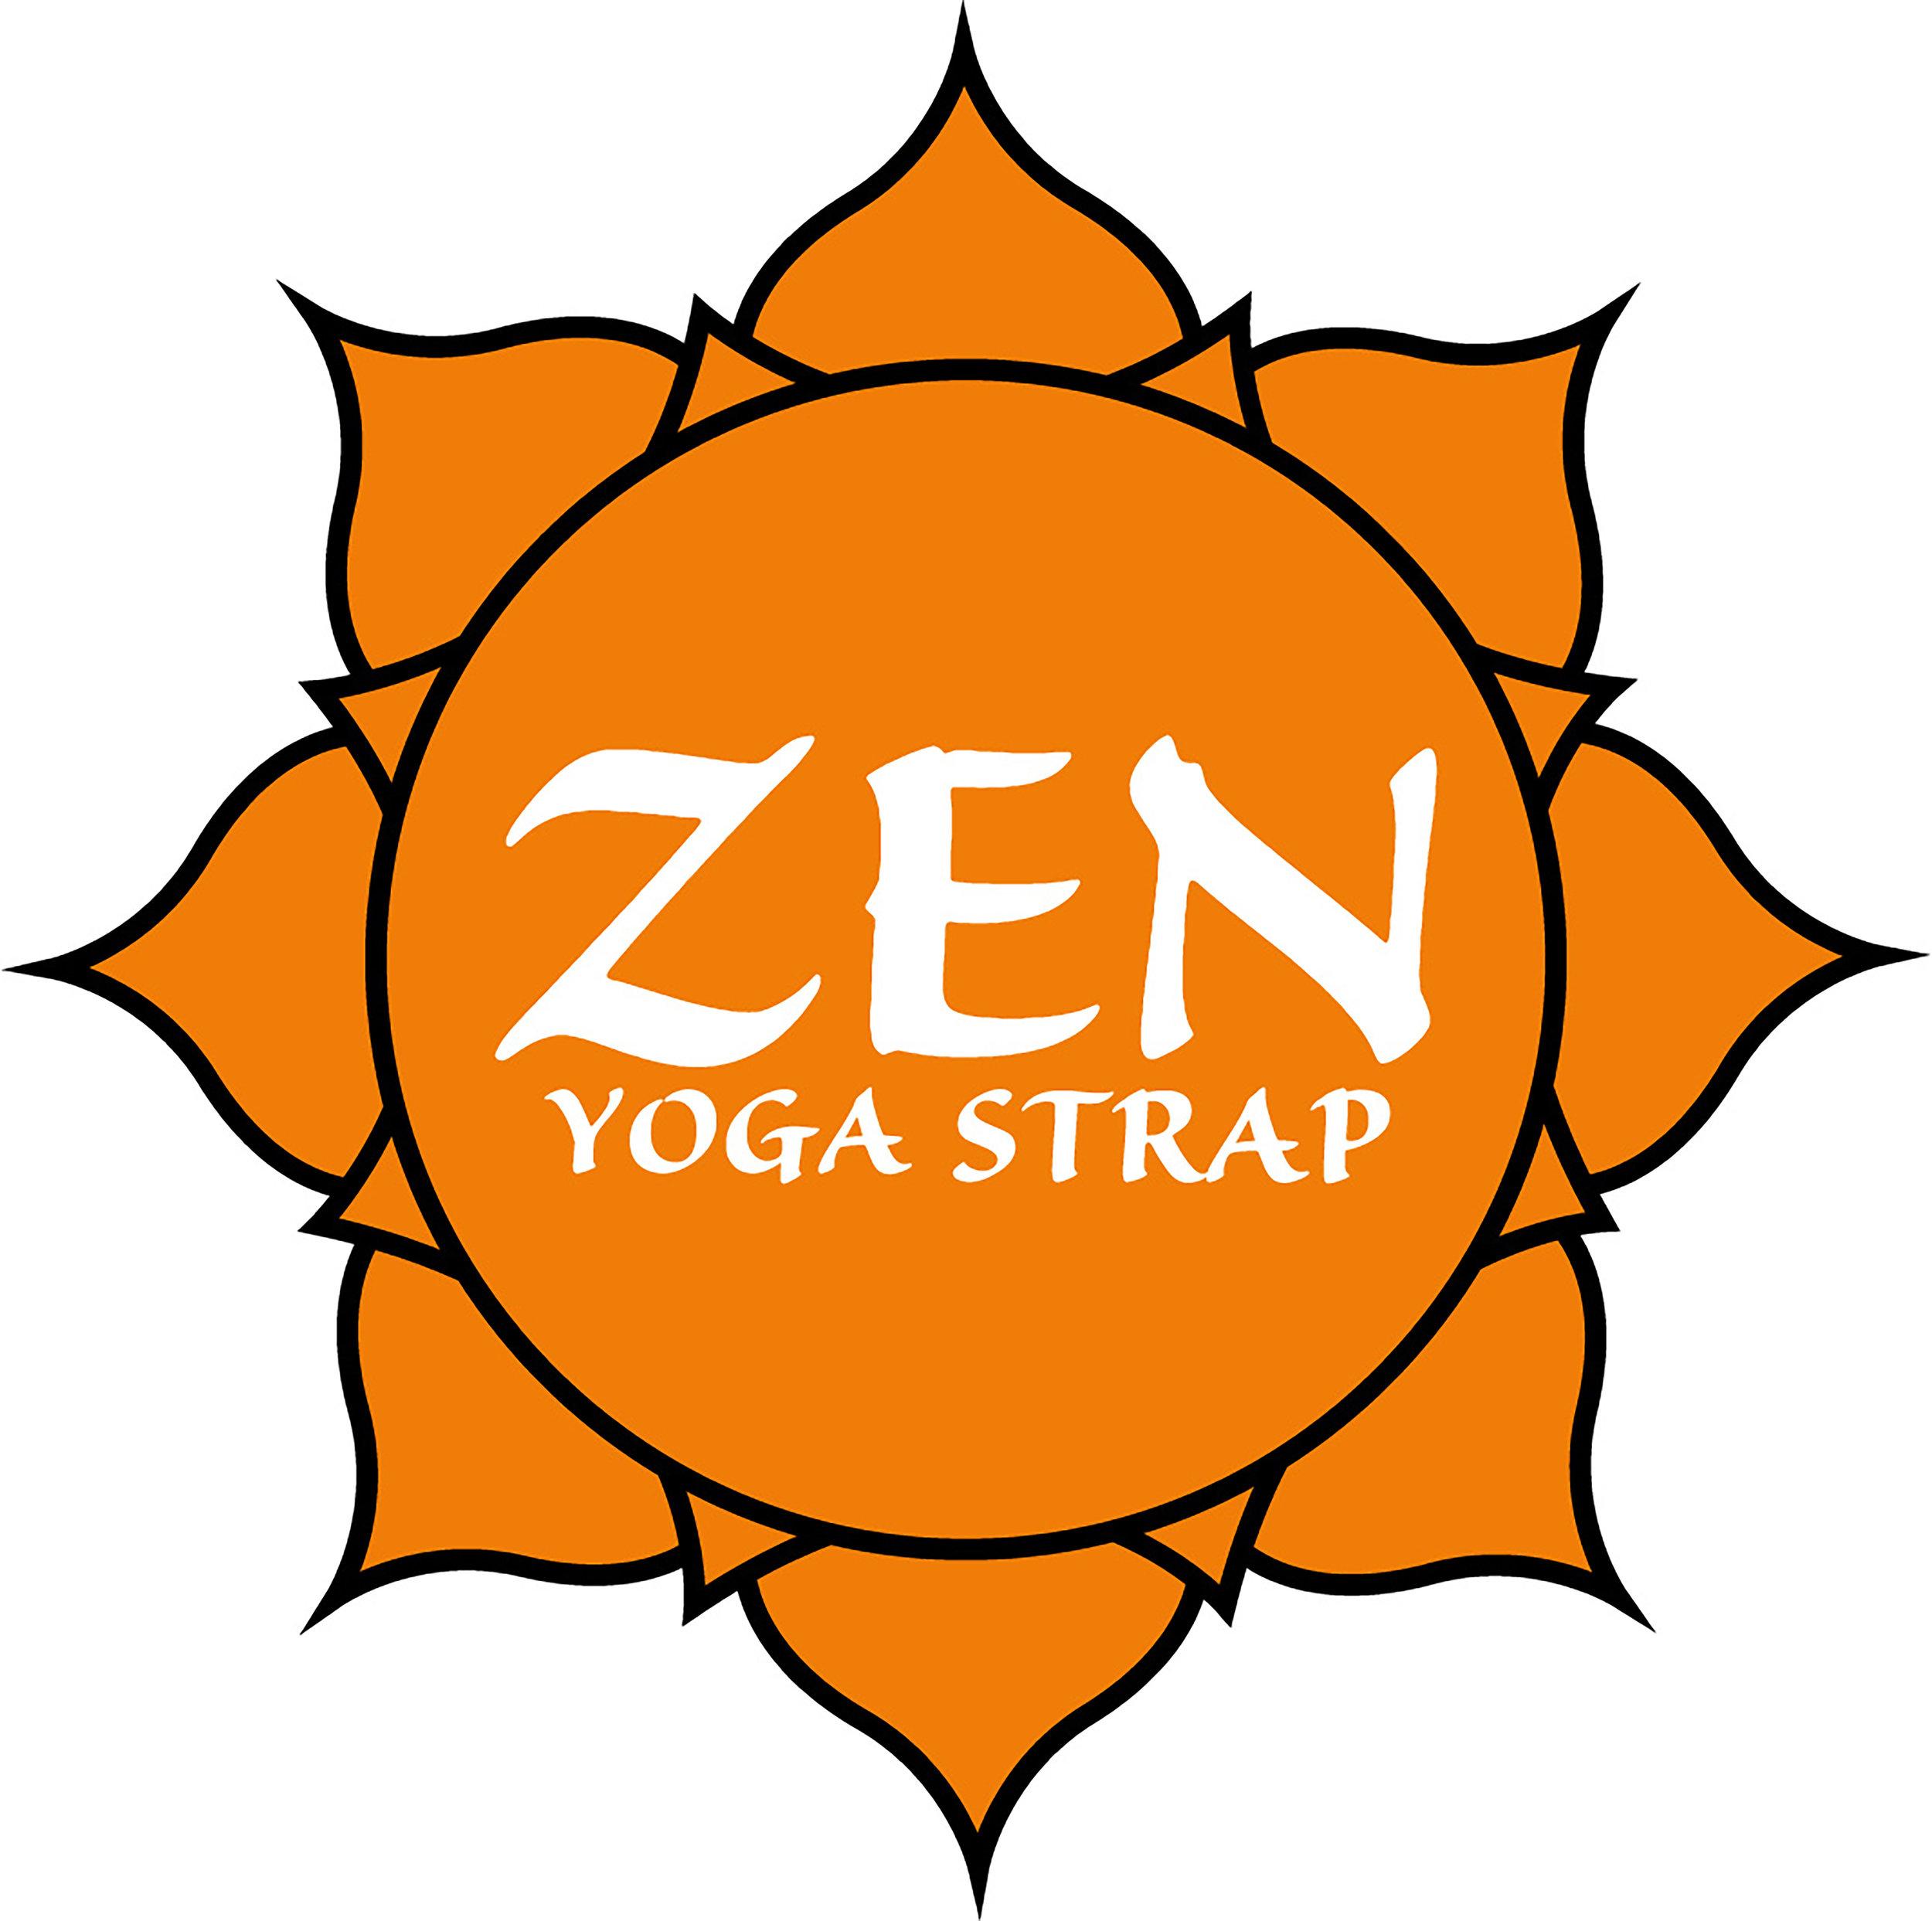 ZenYogaStrap HIgh Res Logo.jpg